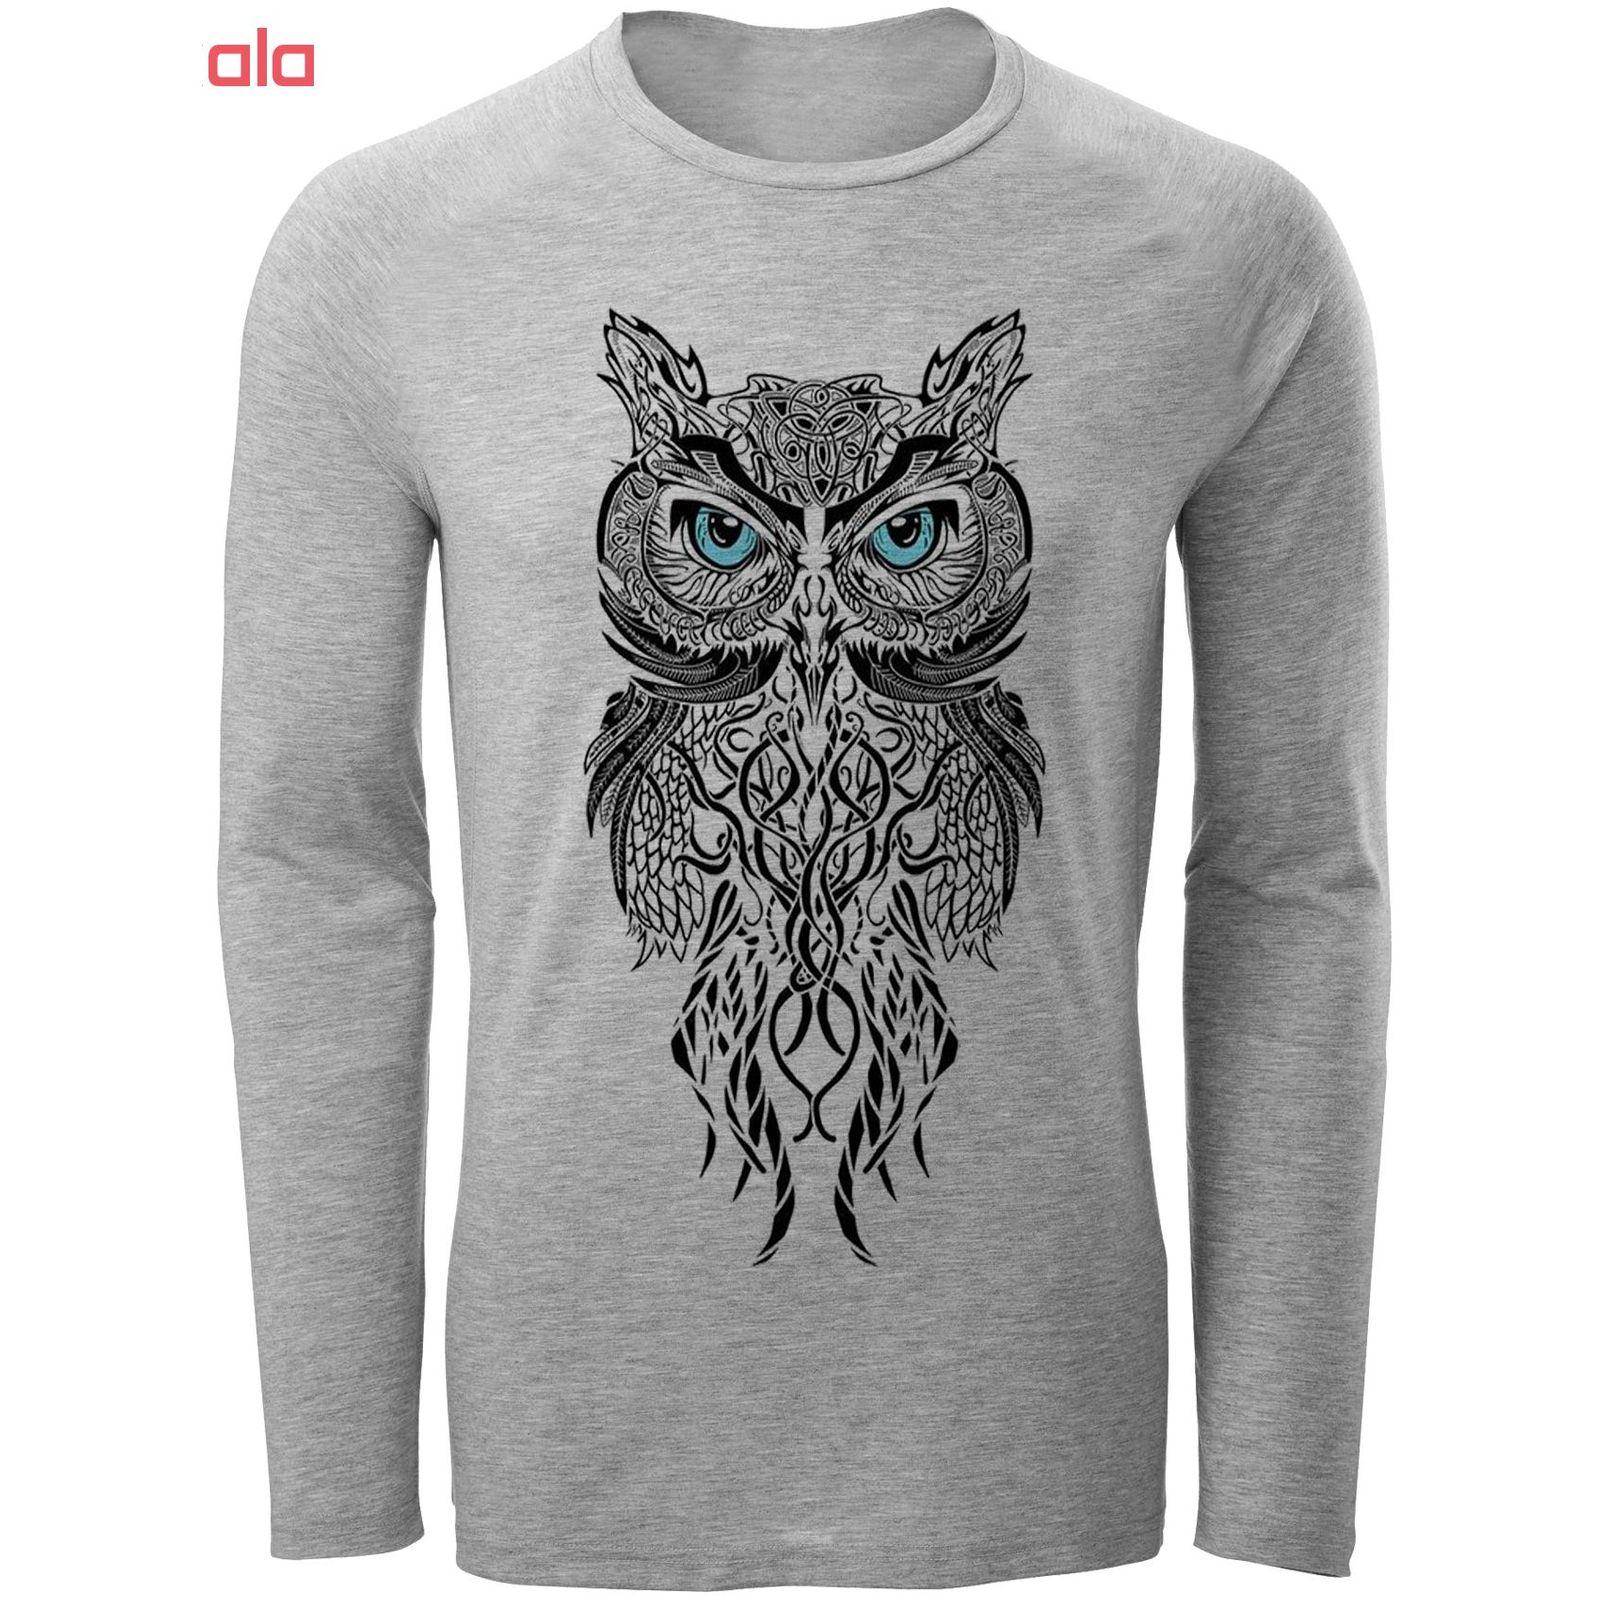 تیشرت آستین بلند مردانه مدل owl کد A32 main 1 1